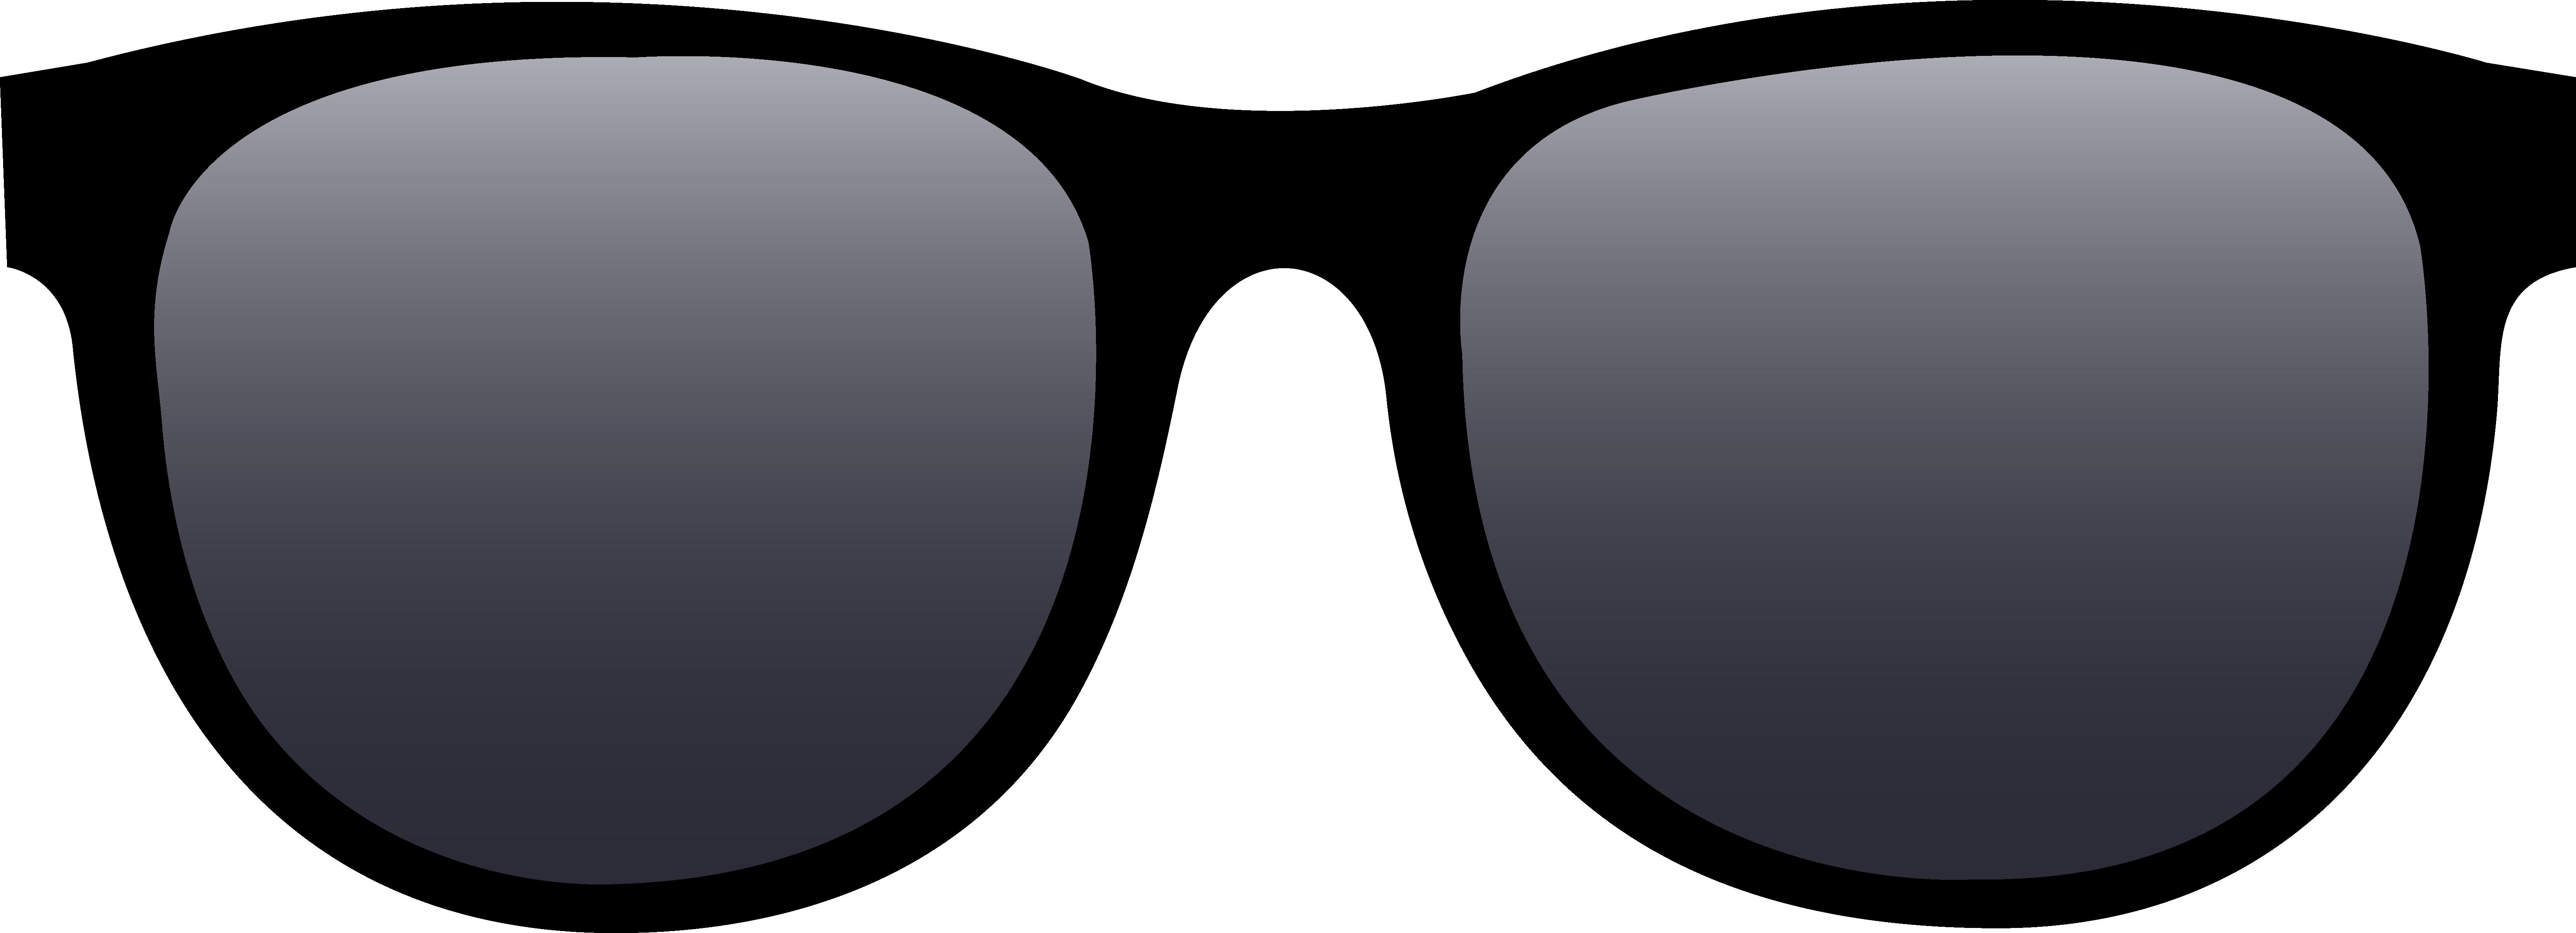 Sunglasses glasses clip art 3 clipartwiz